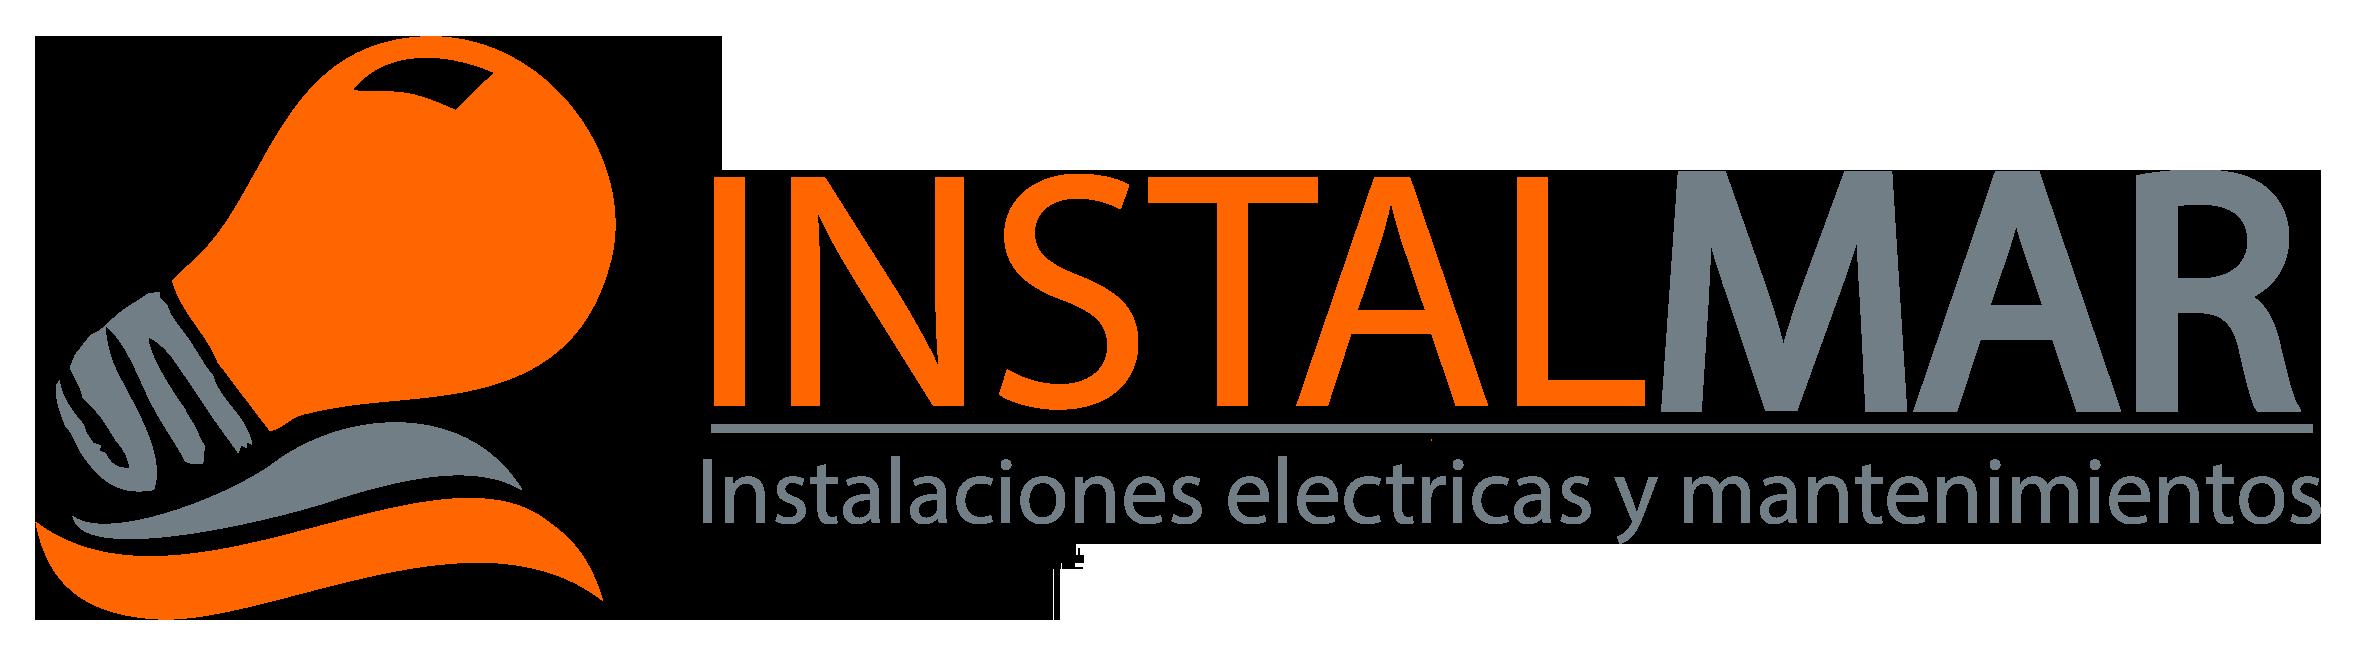 Instalmar Instalaciones Electricas